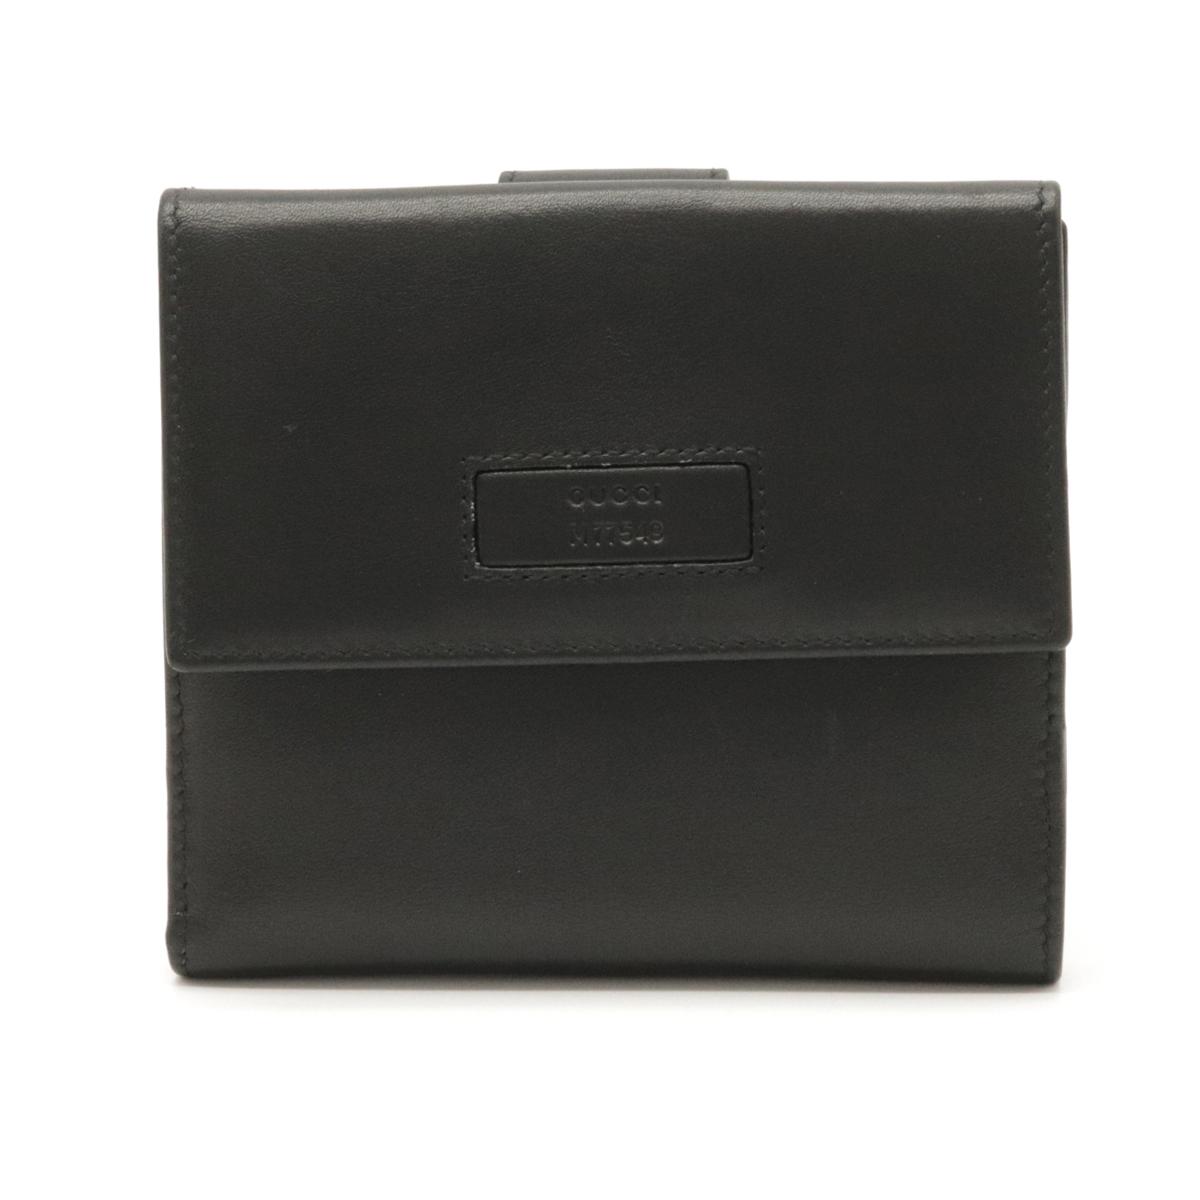 【財布】GUCCI グッチ Wホック財布 ダブルホック 2つ折財布 二つ折り財布 レザー ブラック 黒 アウトレット品 035 2149 2253 【中古】